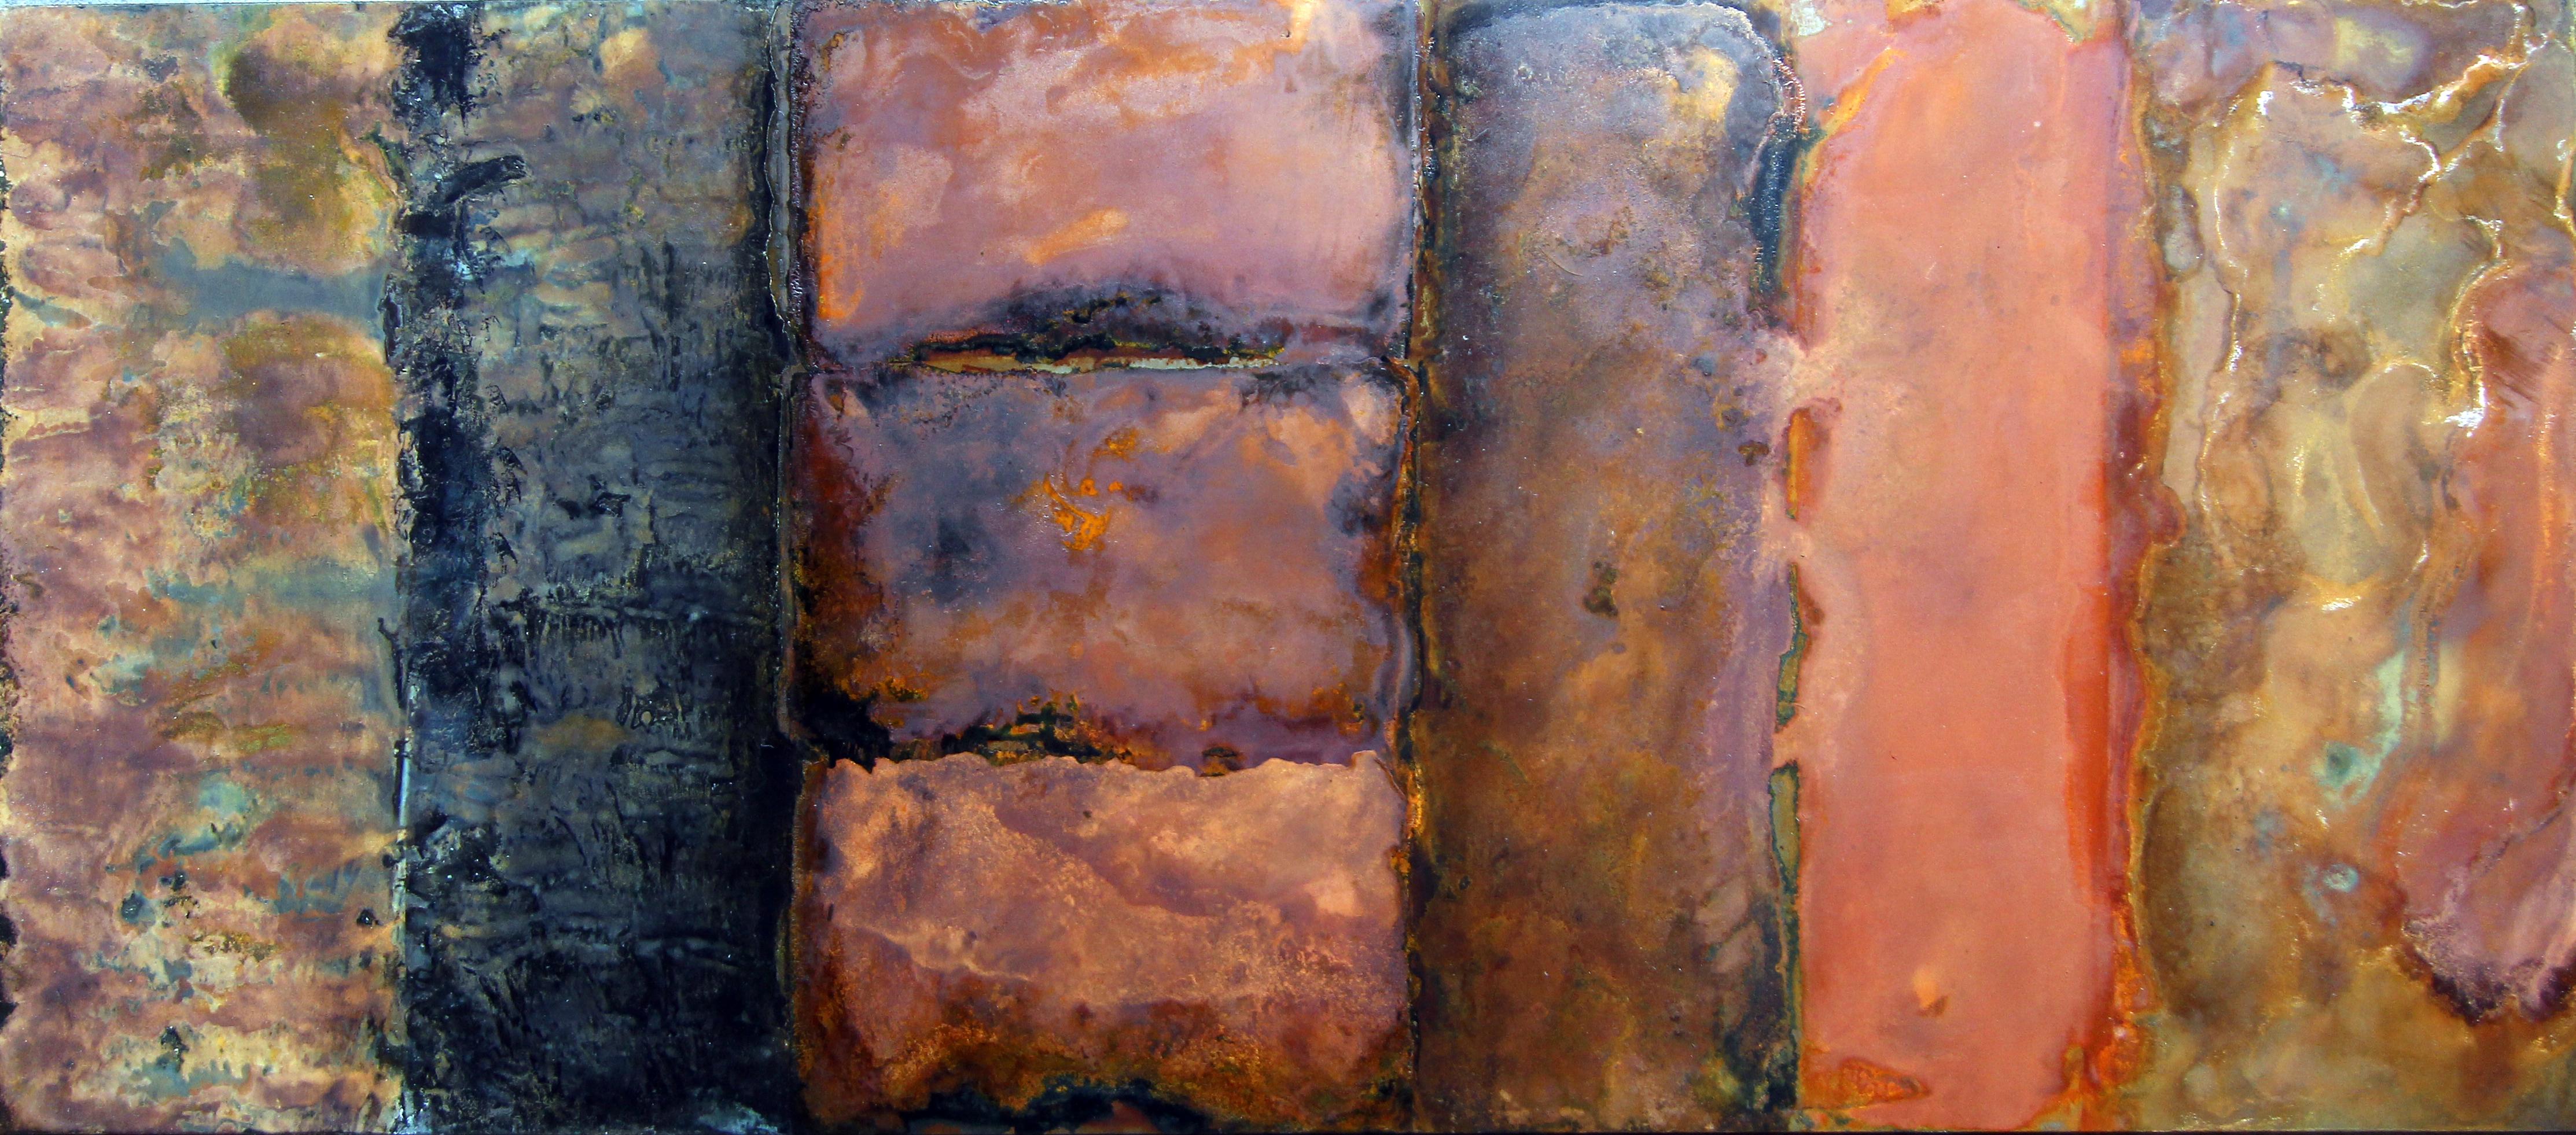 rust-samples (1)